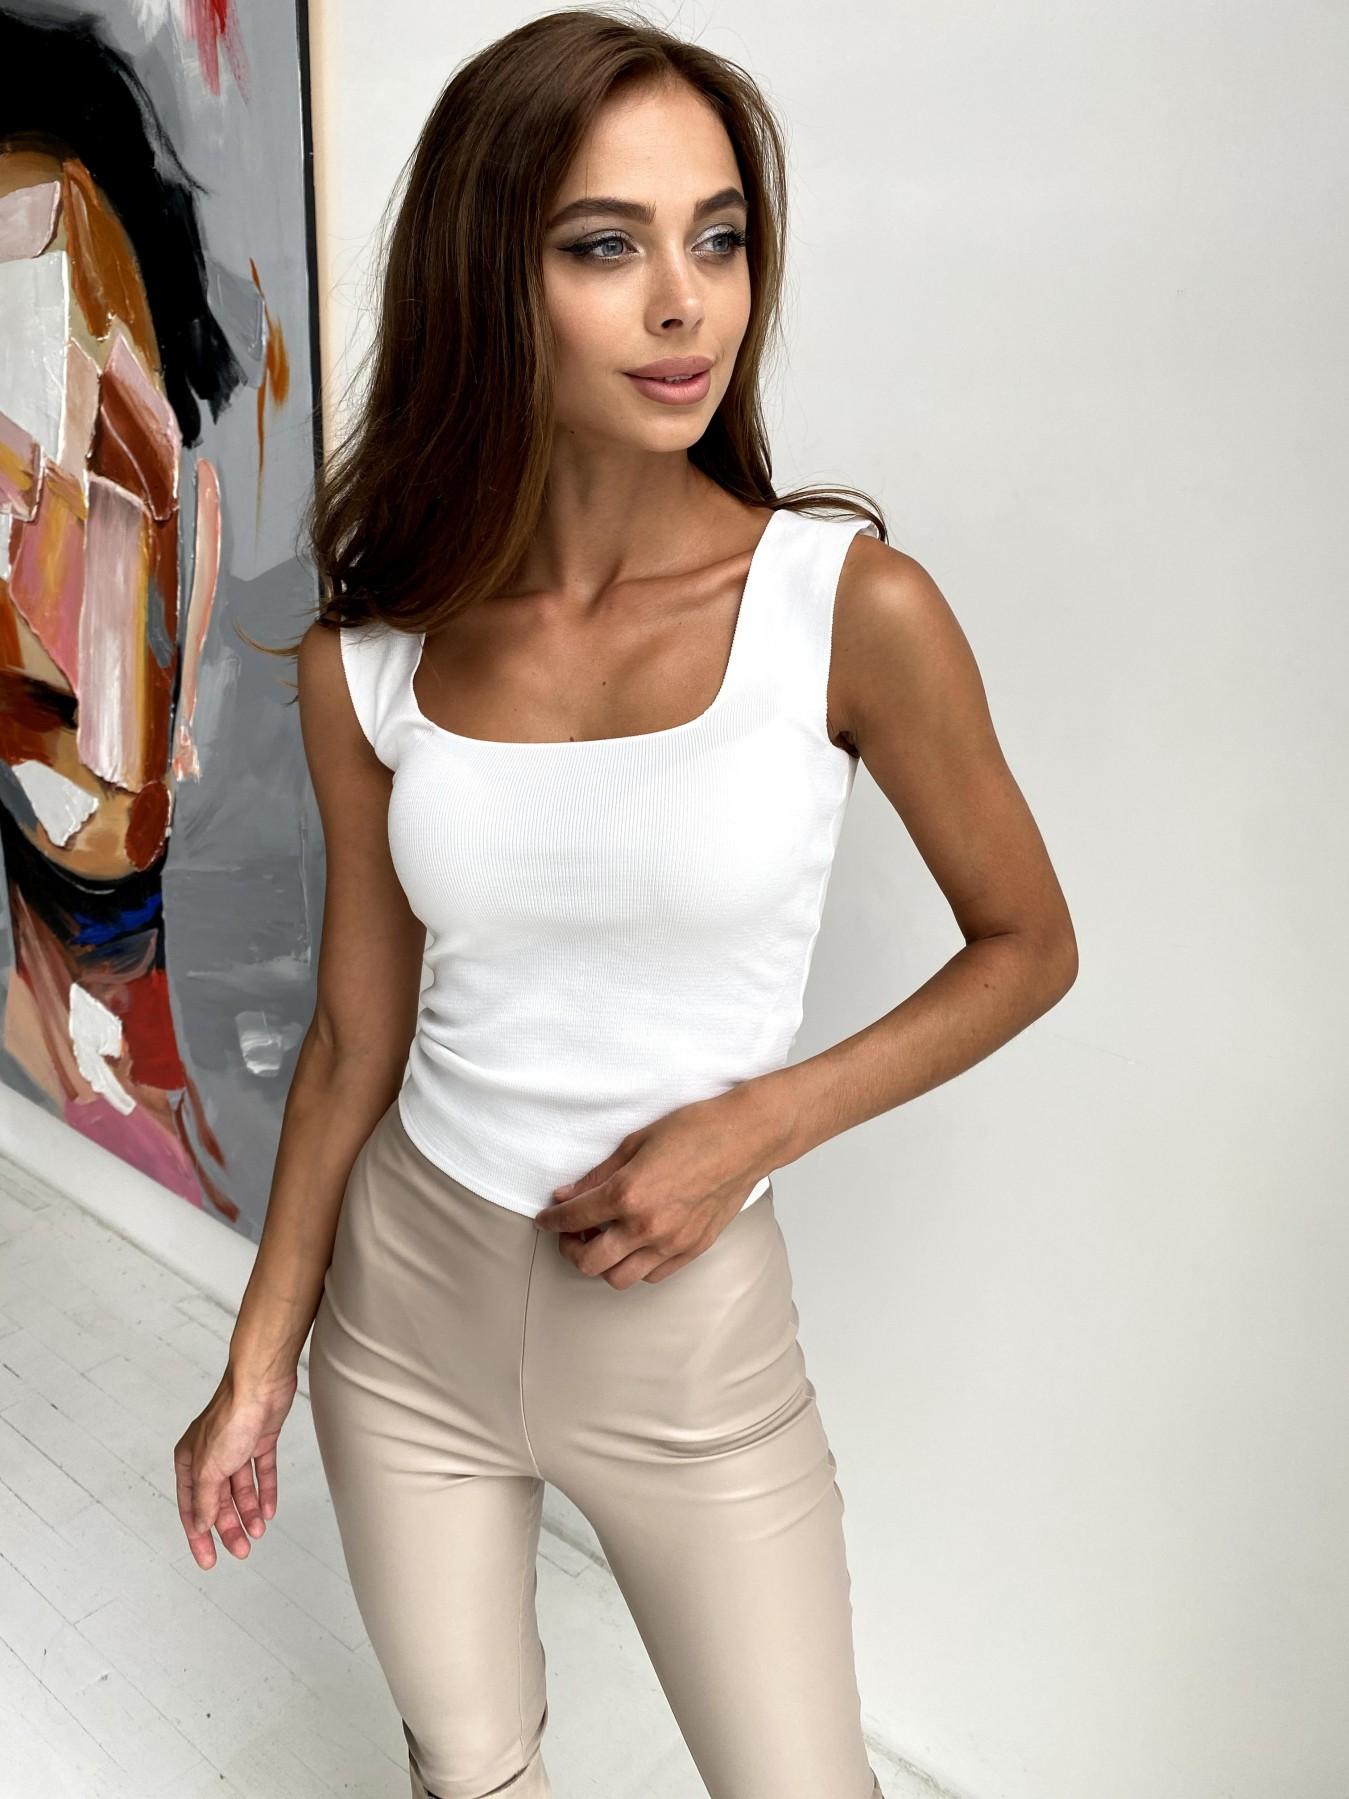 Топ из трикотажа 90848 АРТ. 48497 Цвет: Белый - фото 1, интернет магазин tm-modus.ru